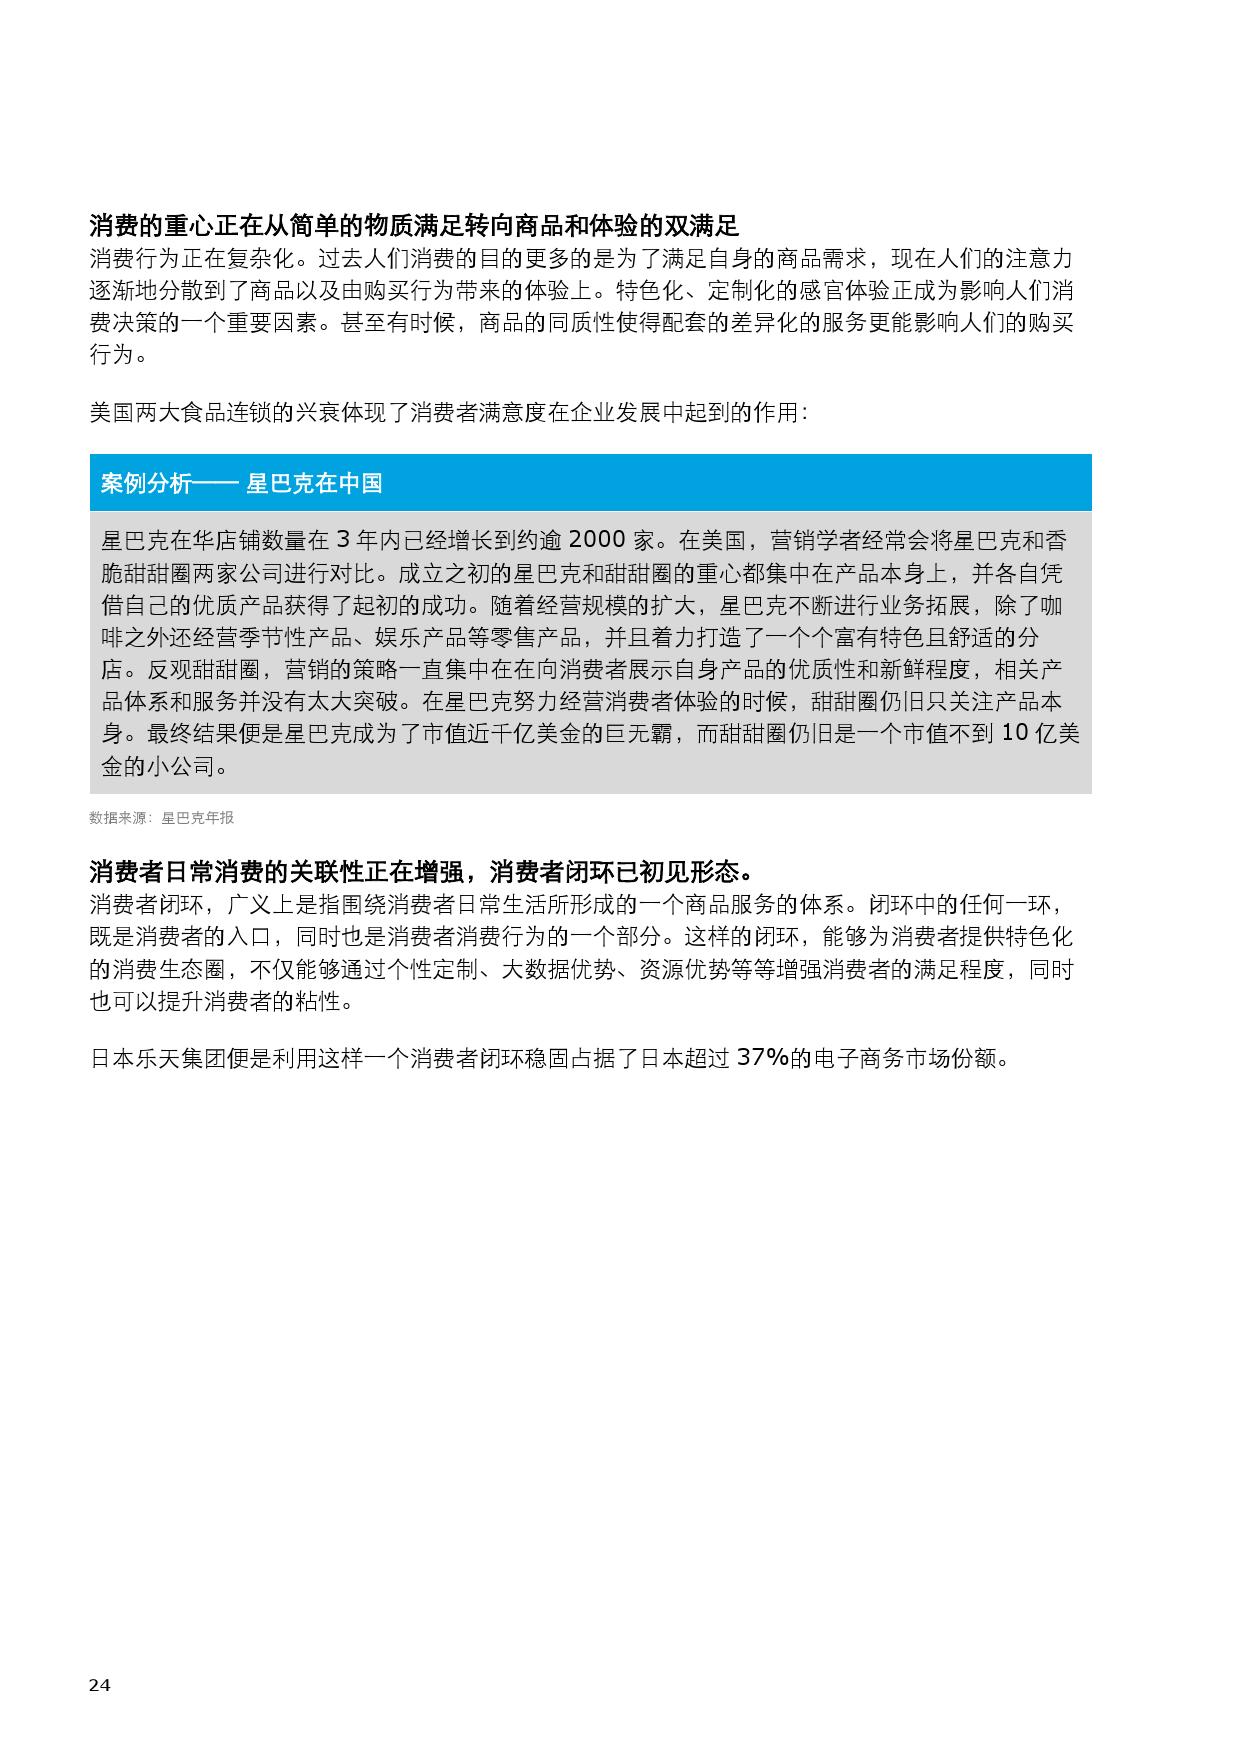 2015中国零售产业投资促进报告_000032